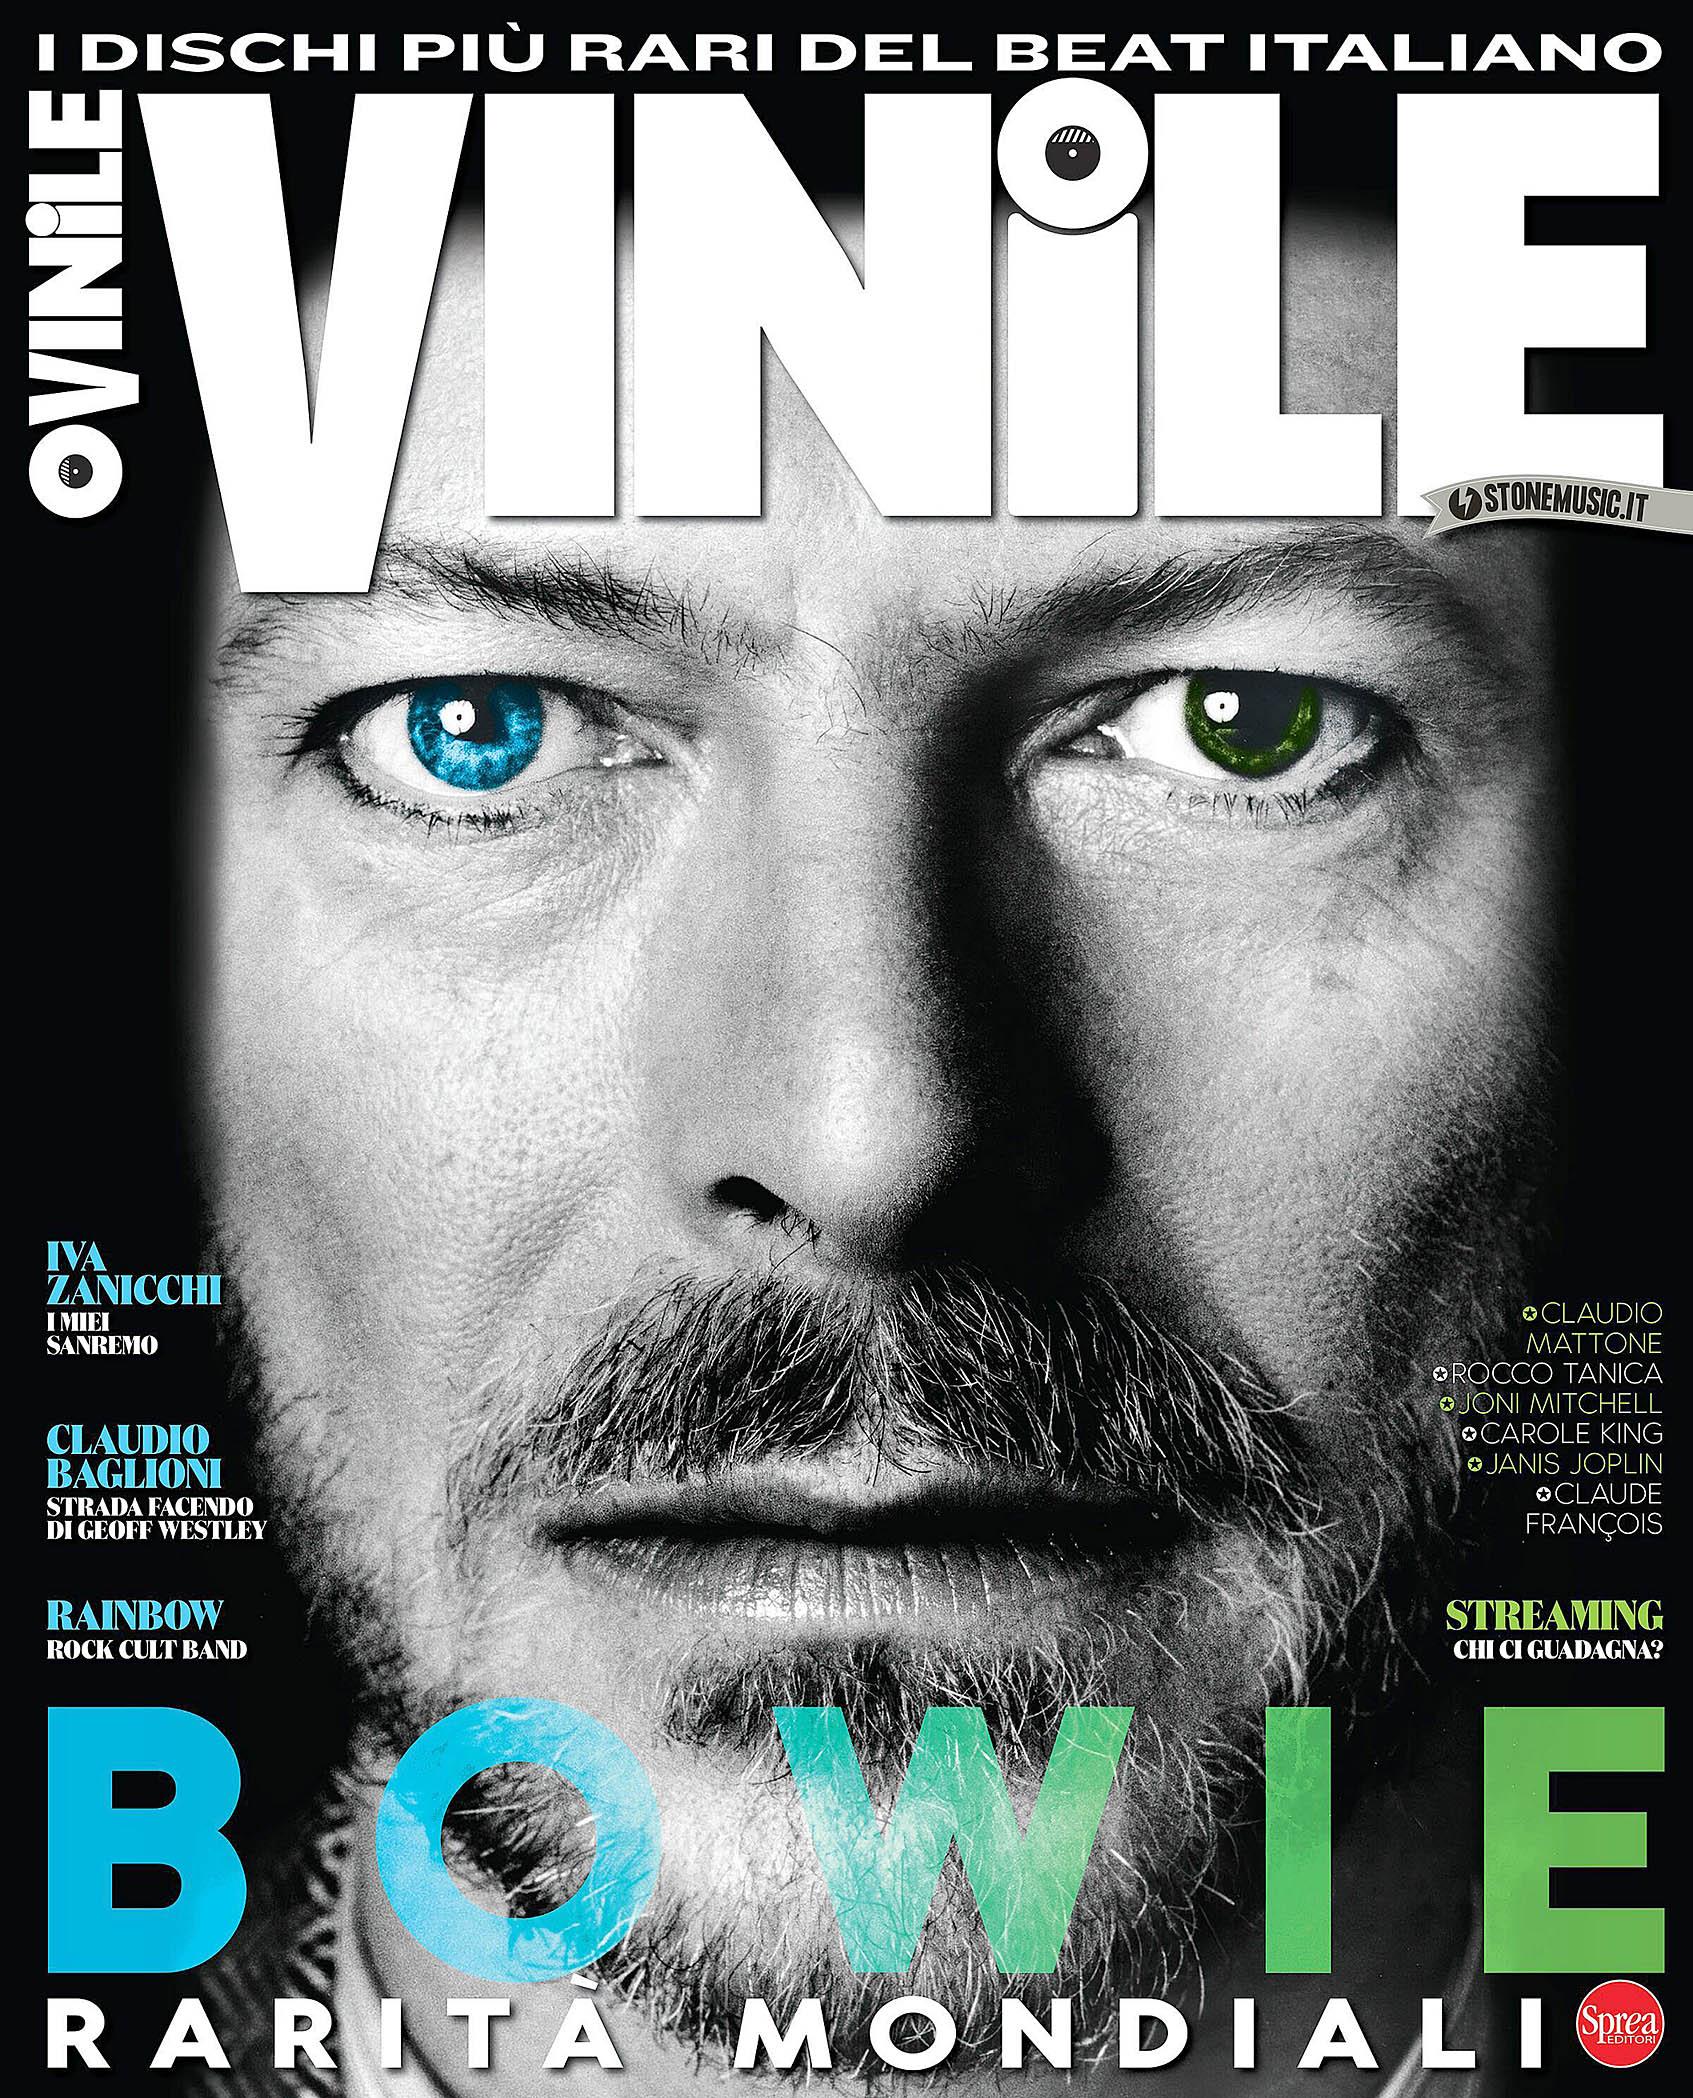 Vinile 2021-05 Bowie 01.jpg